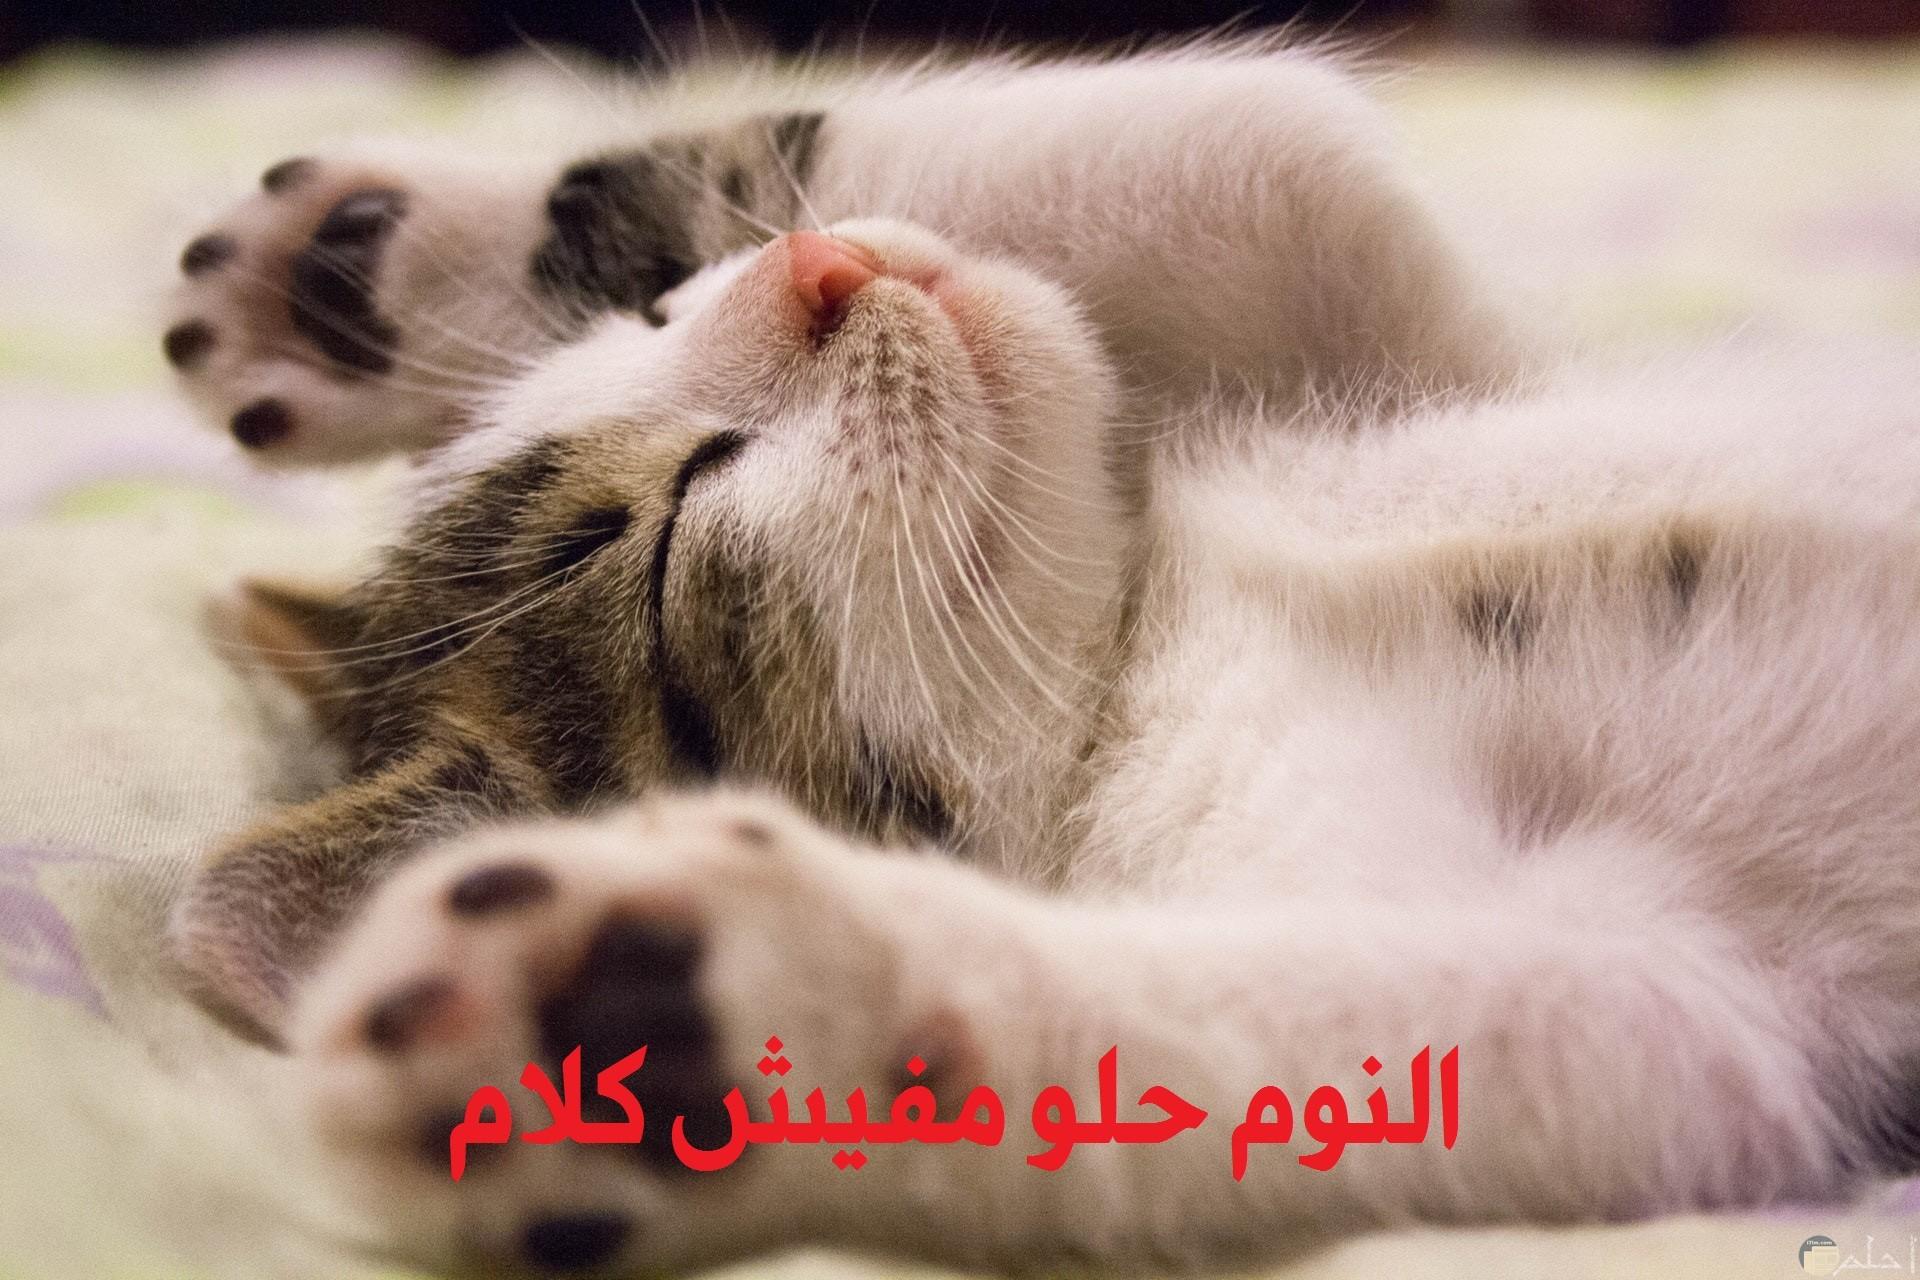 صورة مضحكة لبسه نائمة مكتوب عليها النوم حلو مفيش كلام